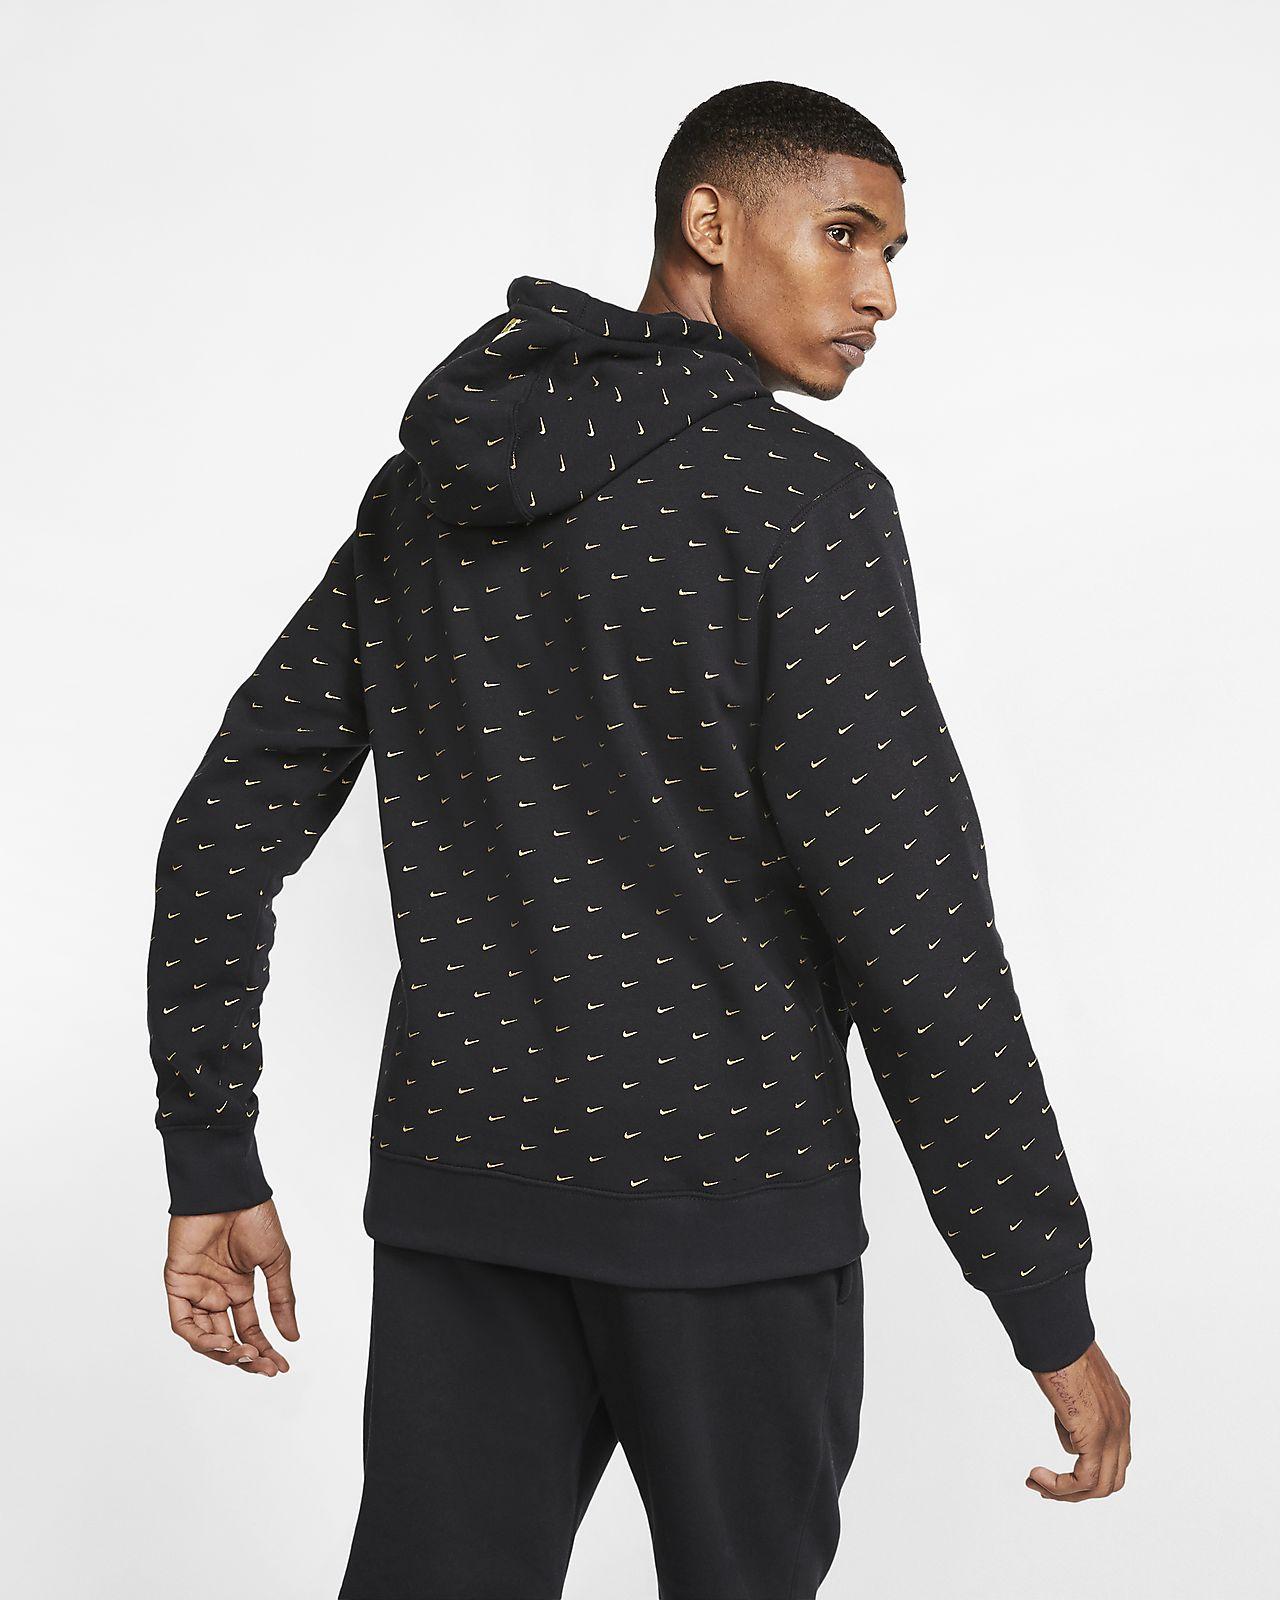 nike hoodie under 30